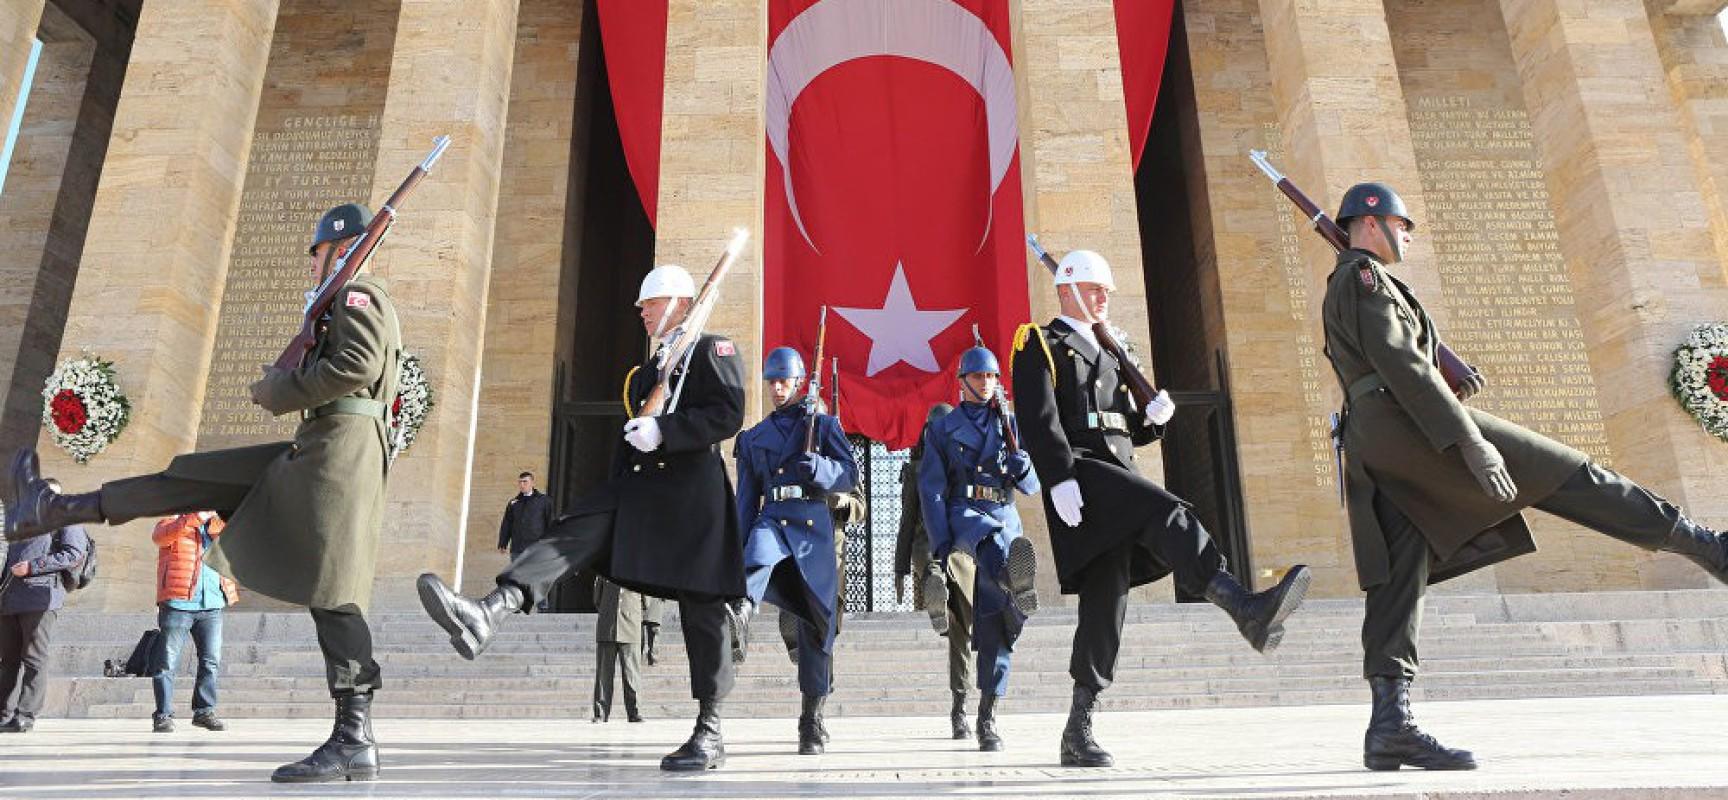 Turquie-OTAN : le départ de la Turquie mènera à l'effondrement complet de l'Alliance